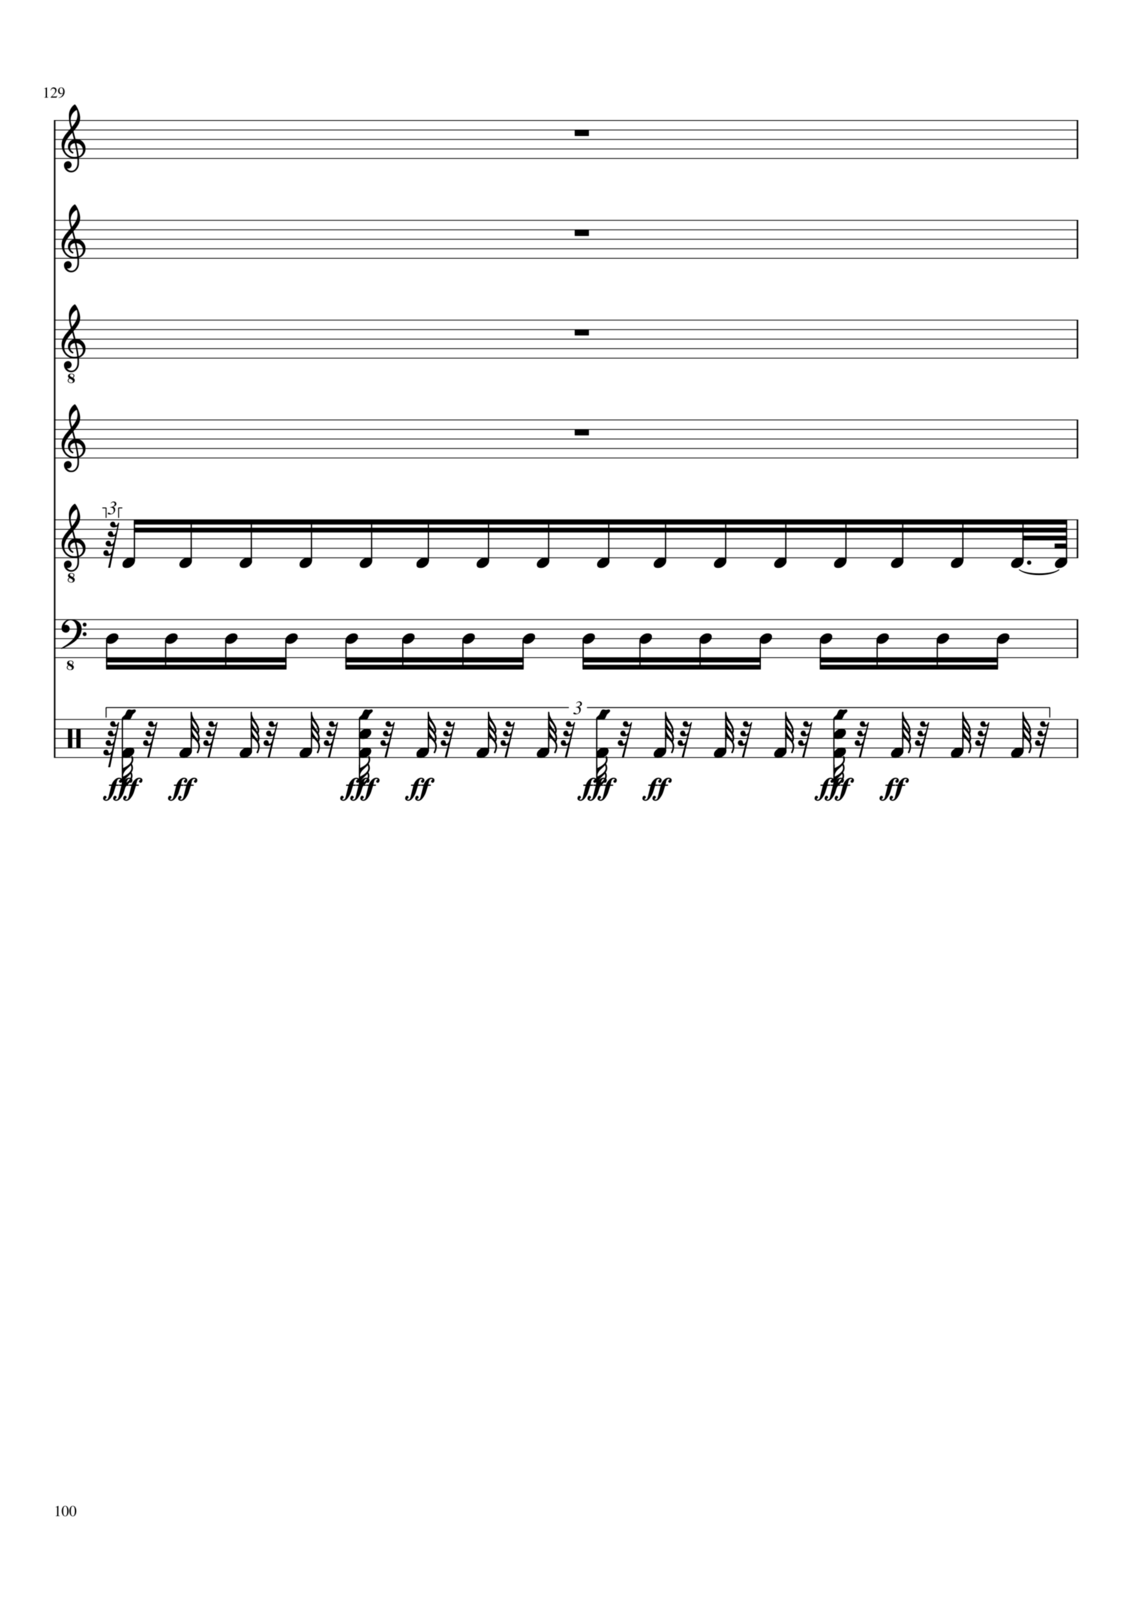 Proschanie s volshebnoy stranoy slide, Image 100